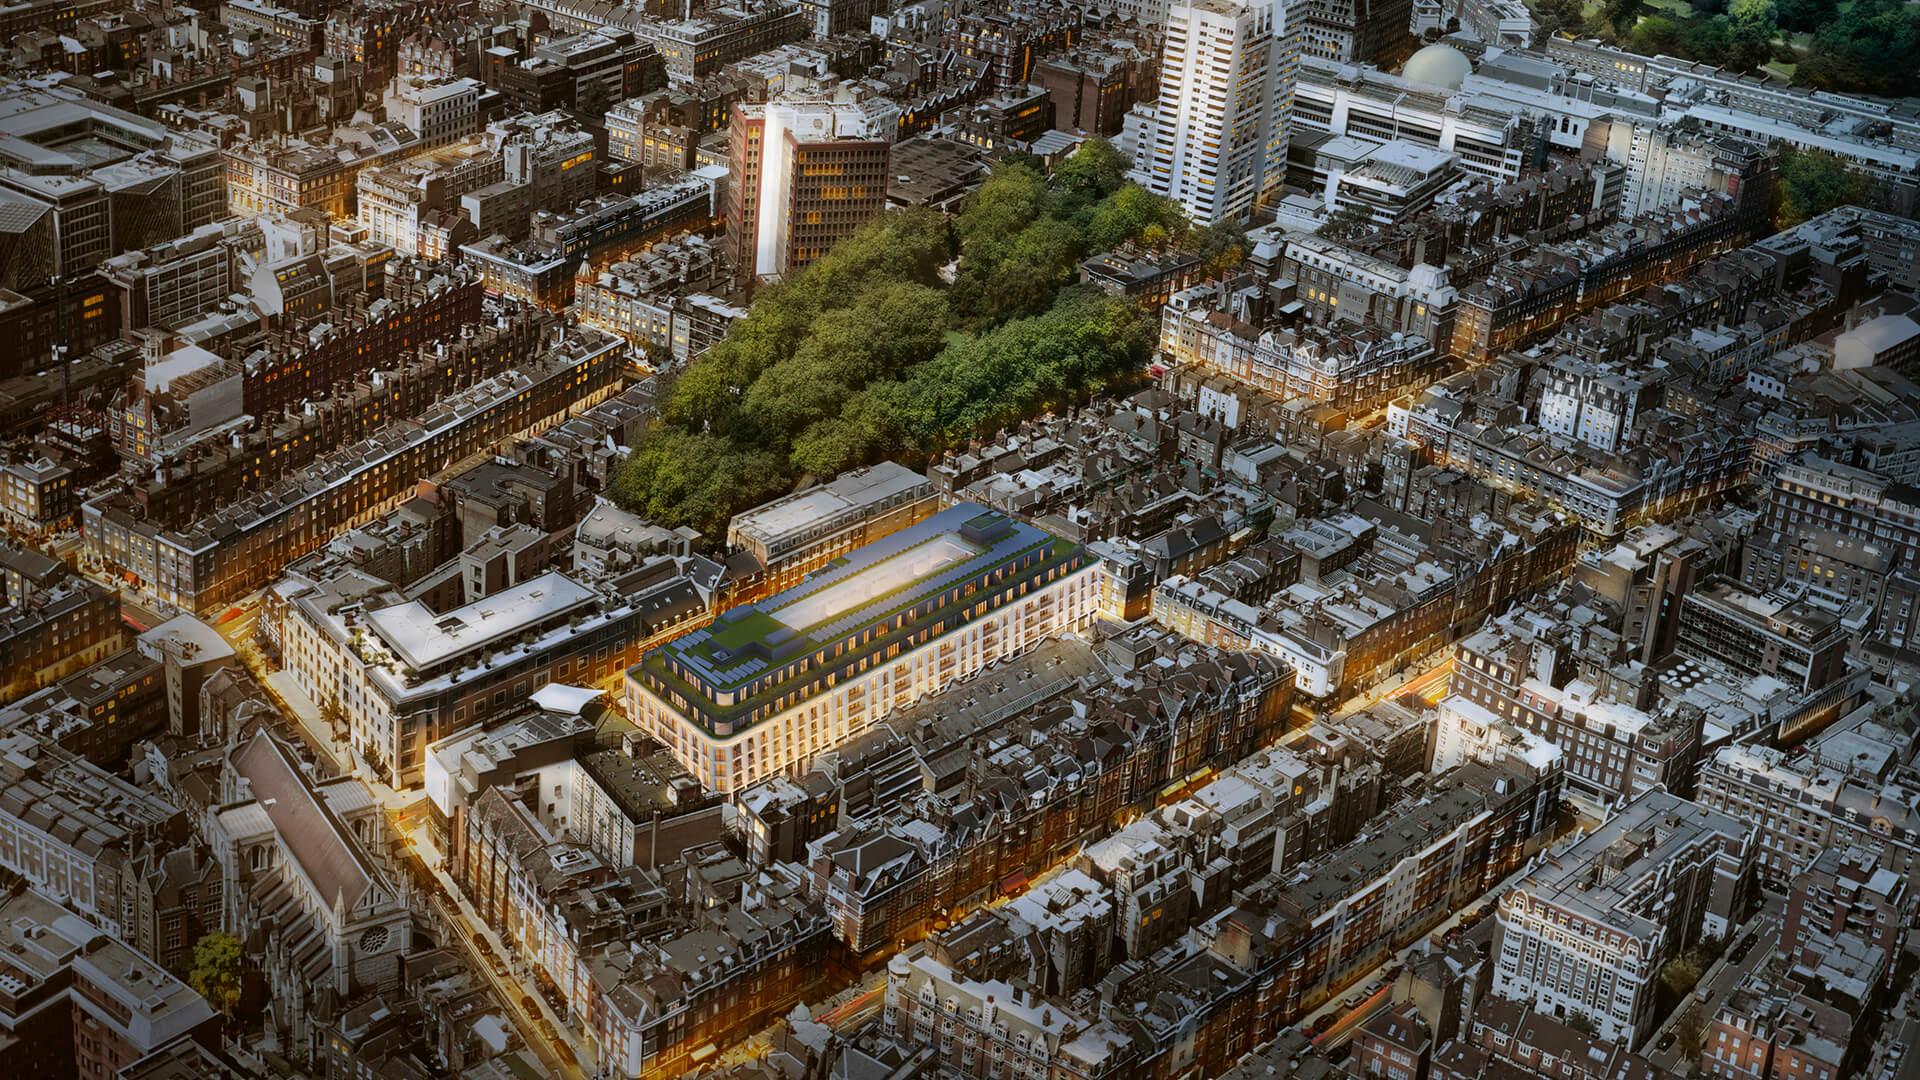 Marylebone Square London